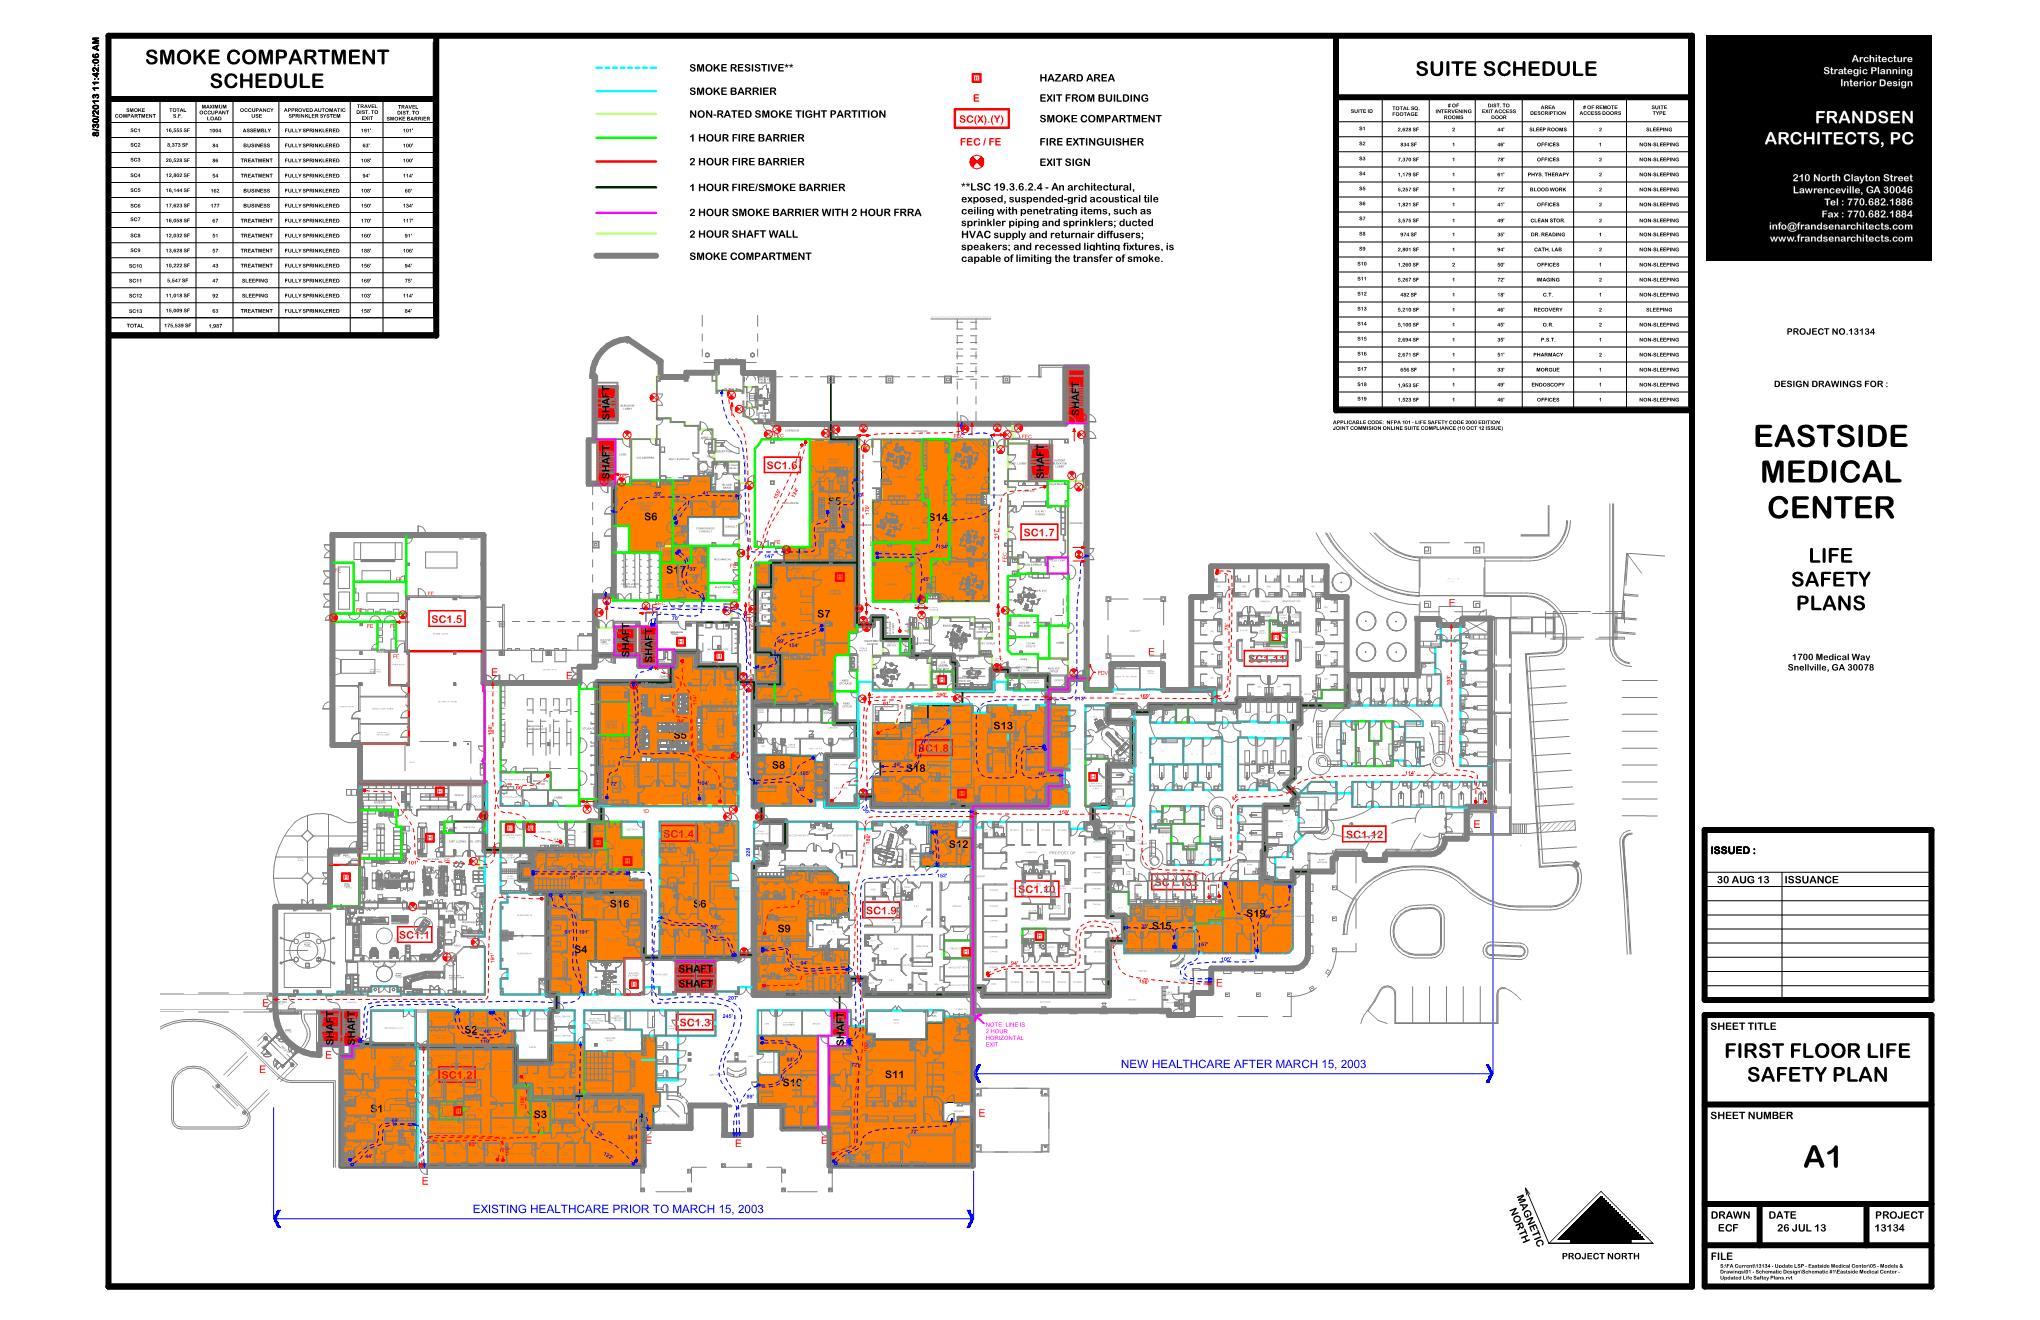 Eastside Medical Center - Updated Life Saftey Plans Page 002.jpg